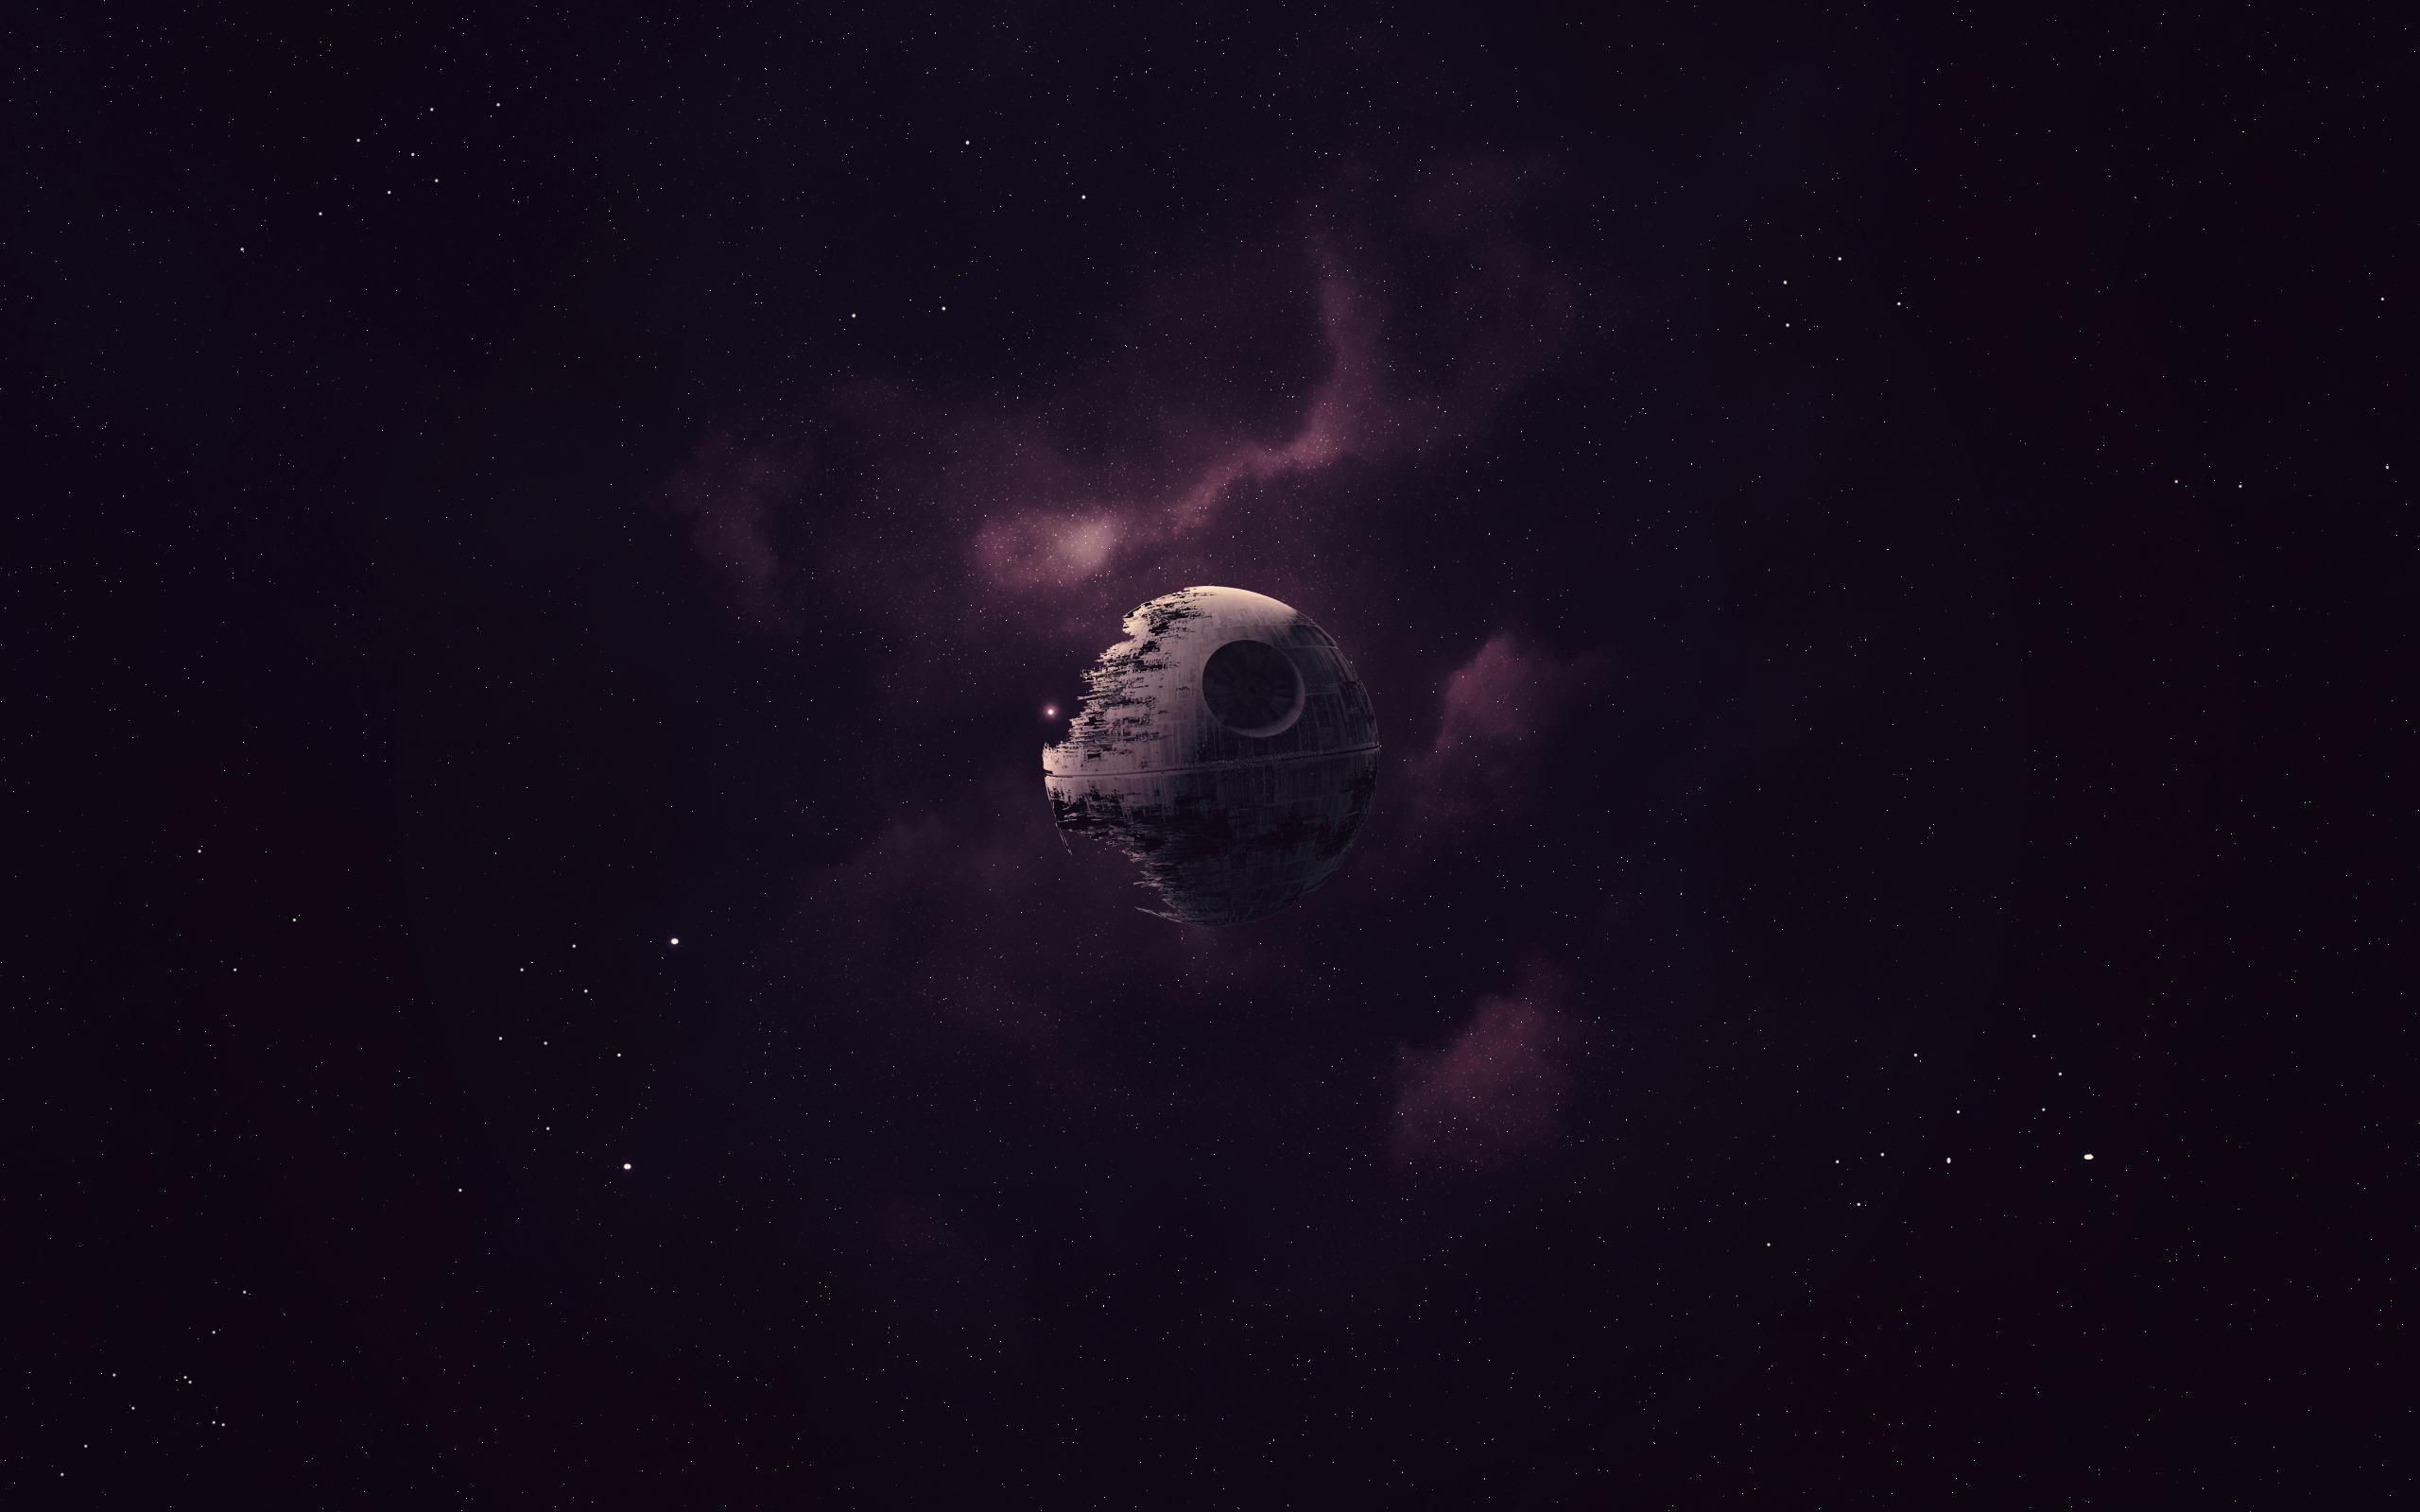 Wallpaper Star Wars Death Star 2560x1600 Notjames 1148057